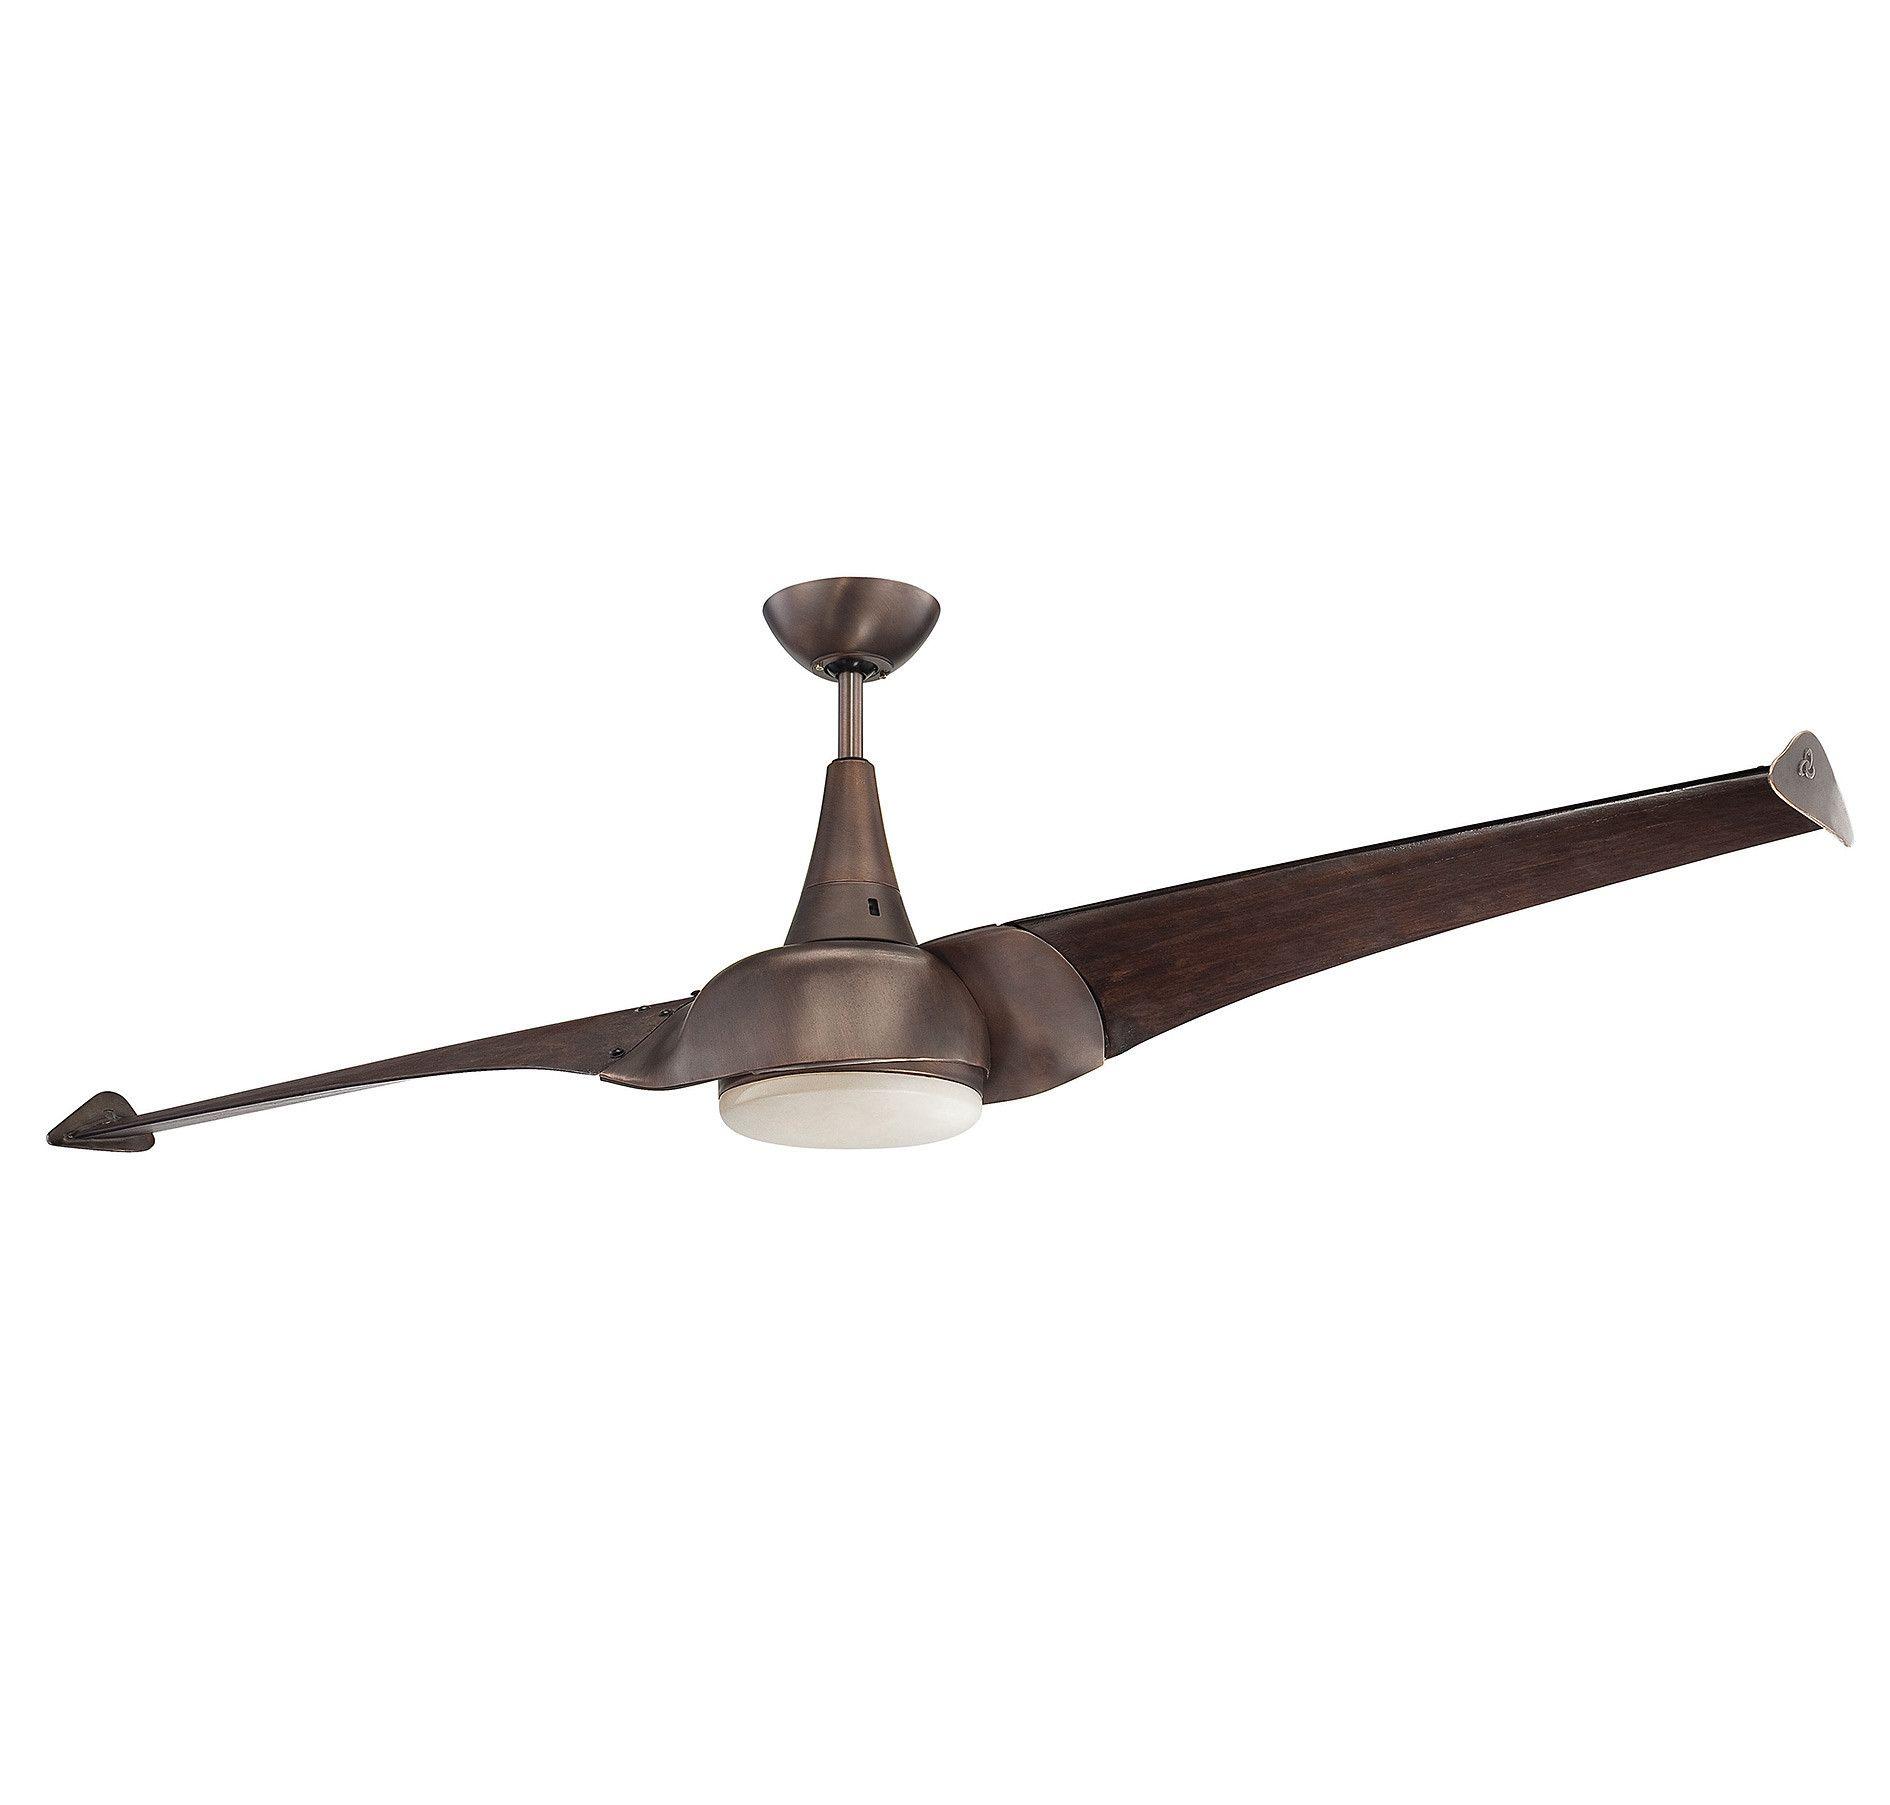 68 Anderson 2 Blade Ceiling Fan Ceiling Fan Bronze Ceiling Fan Modern Ceiling Fan